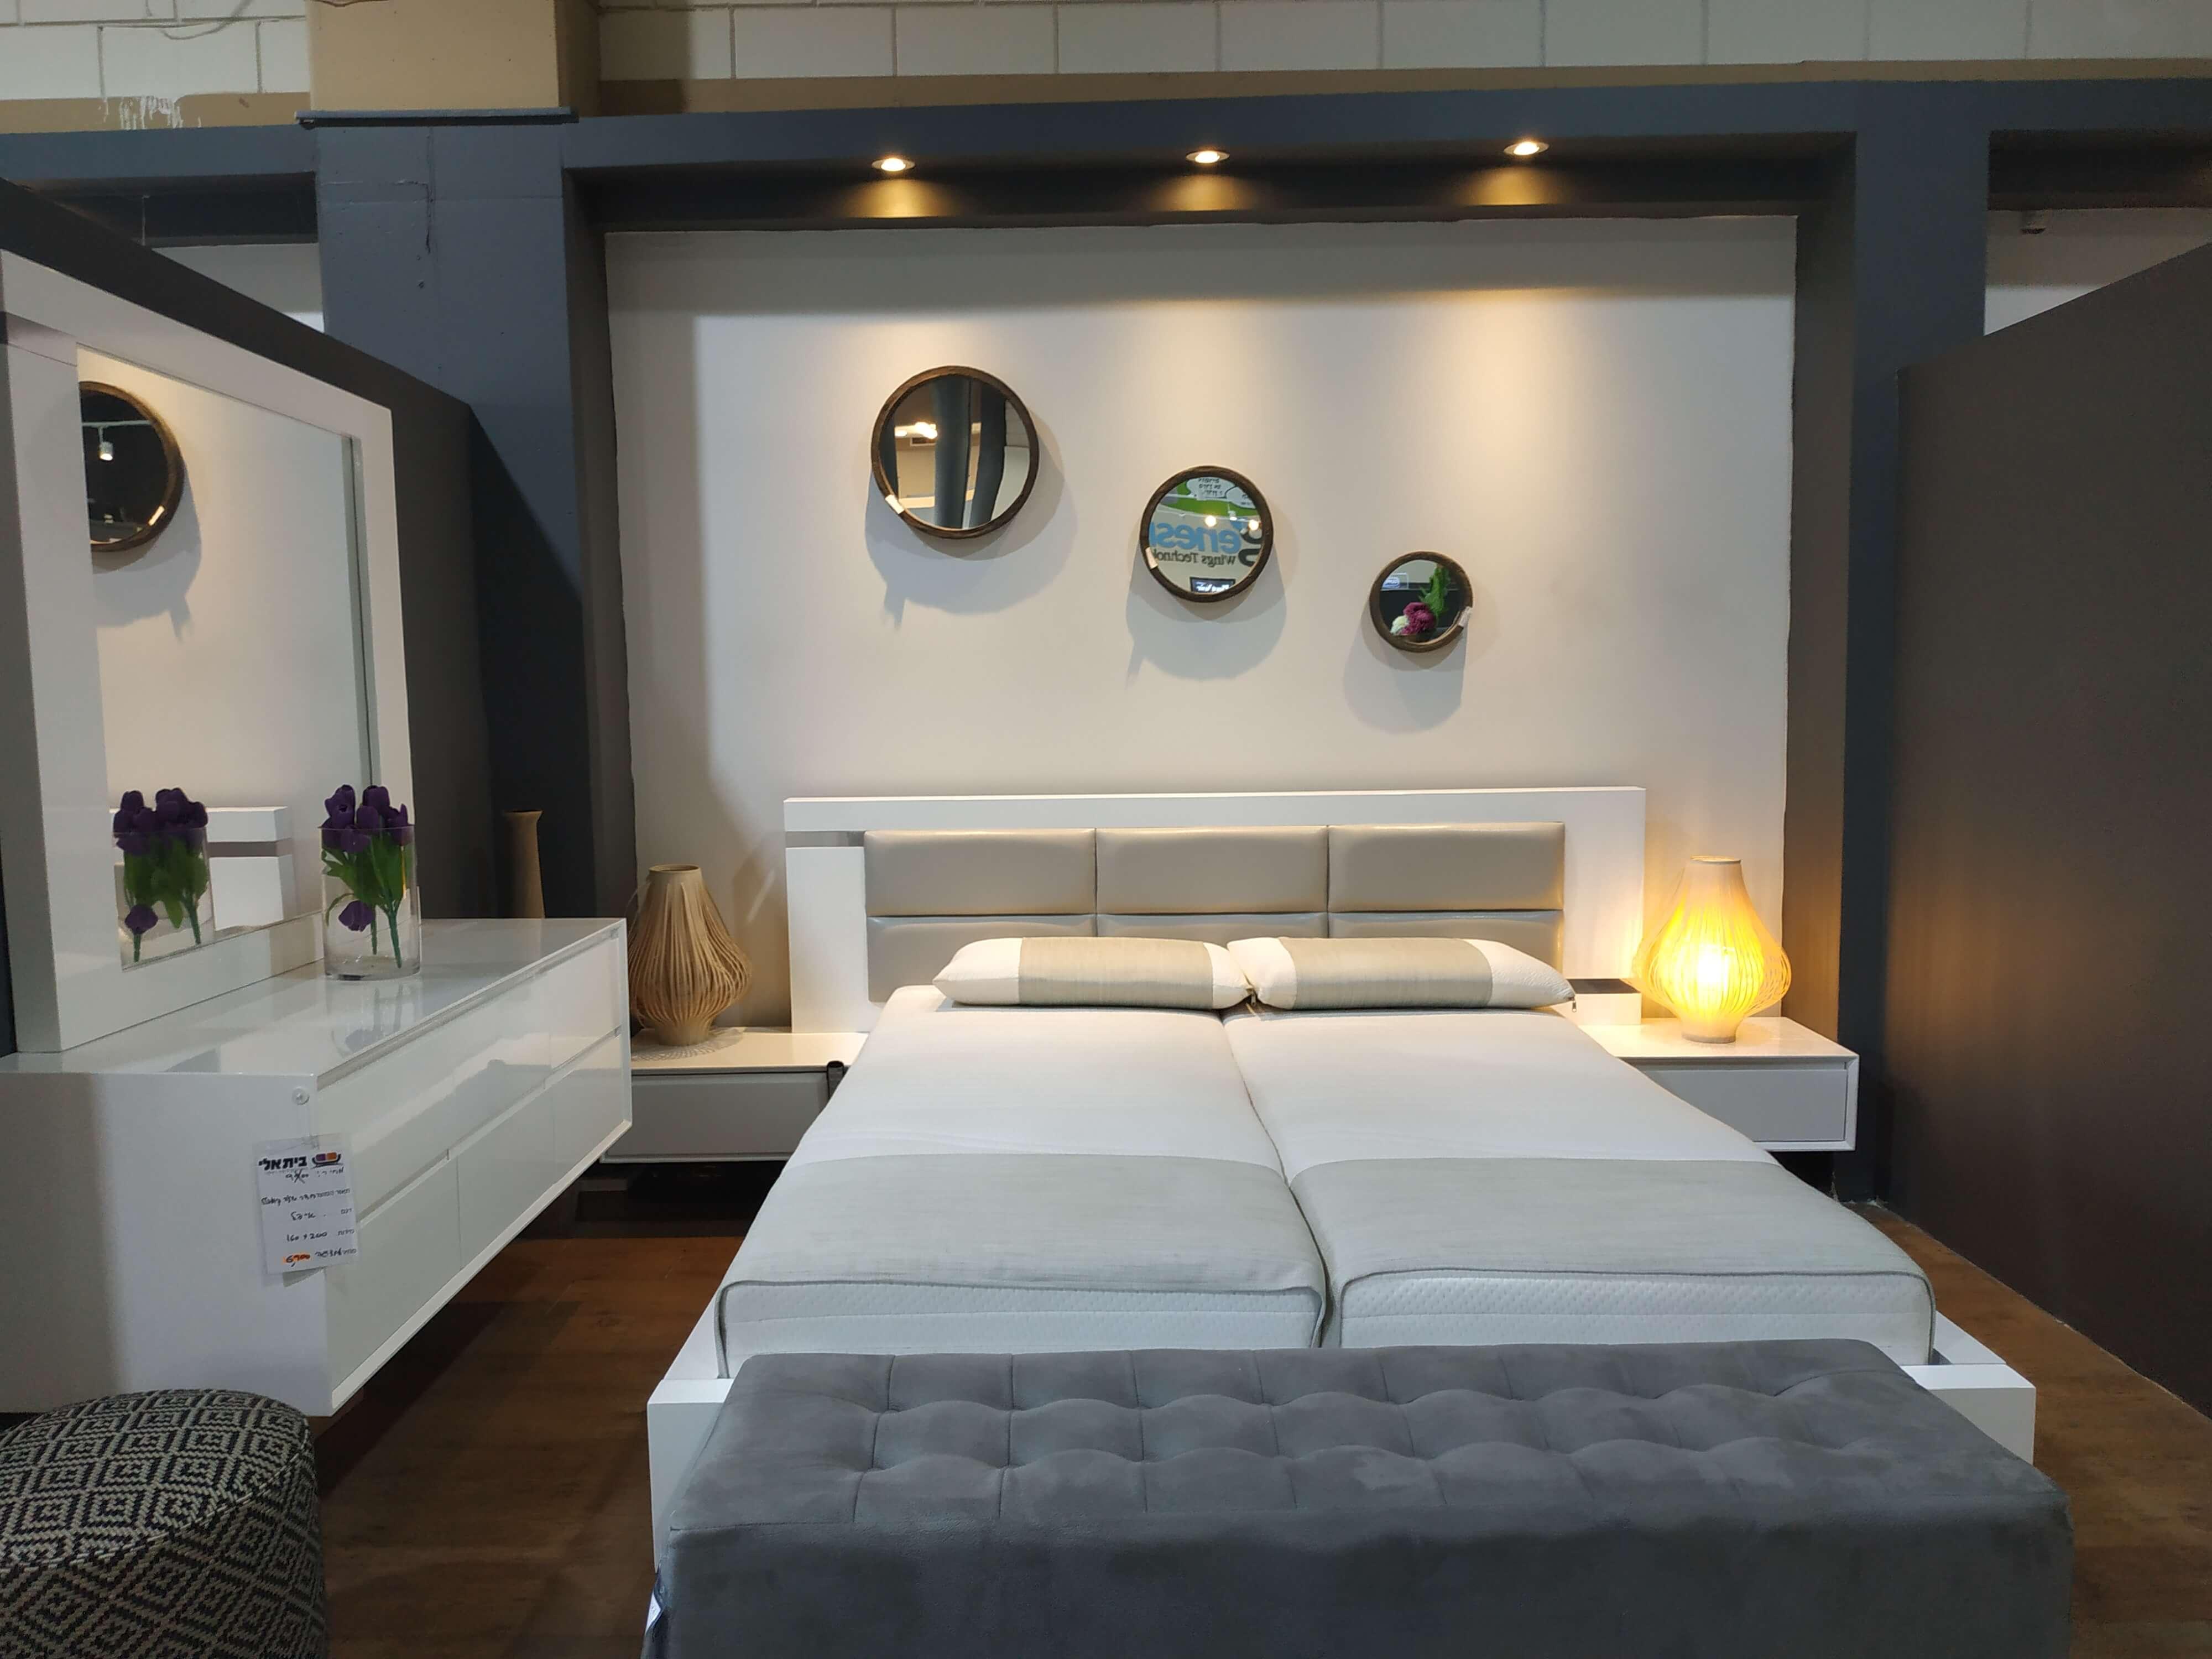 חדר שינה קומפלט אייפל